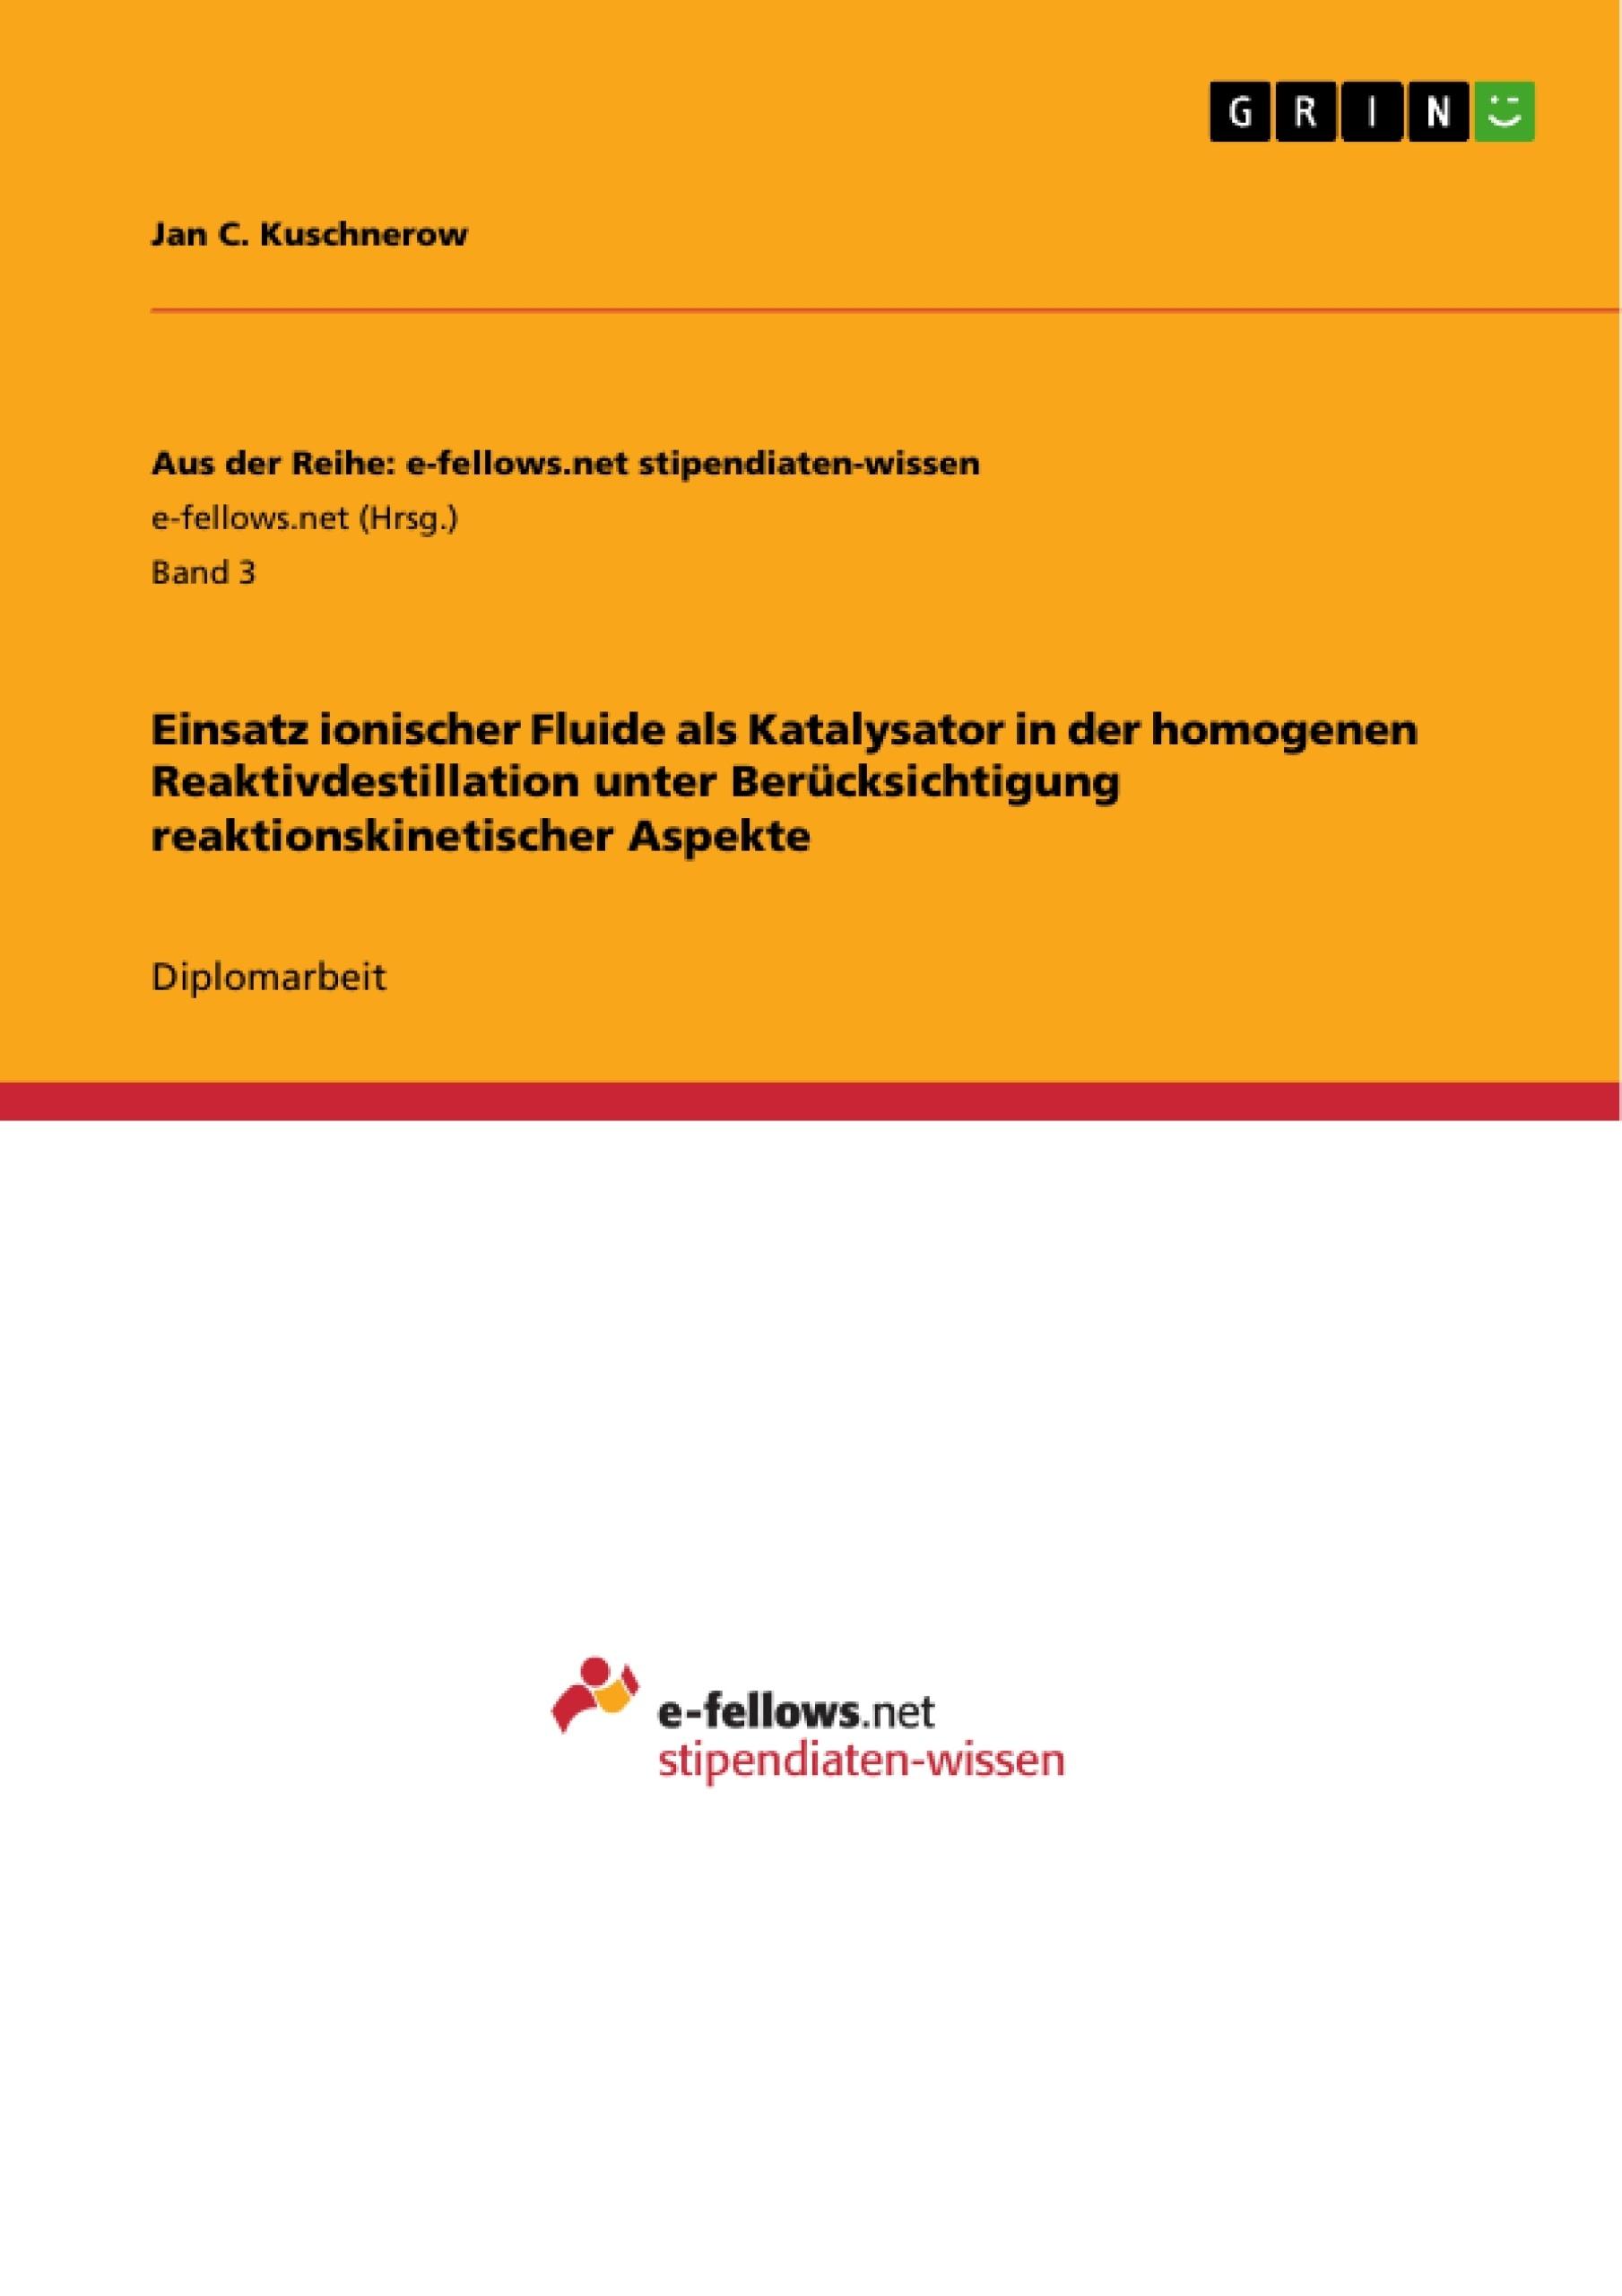 Titel: Einsatz ionischer Fluide als Katalysator in der homogenen Reaktivdestillation unter Berücksichtigung reaktionskinetischer Aspekte